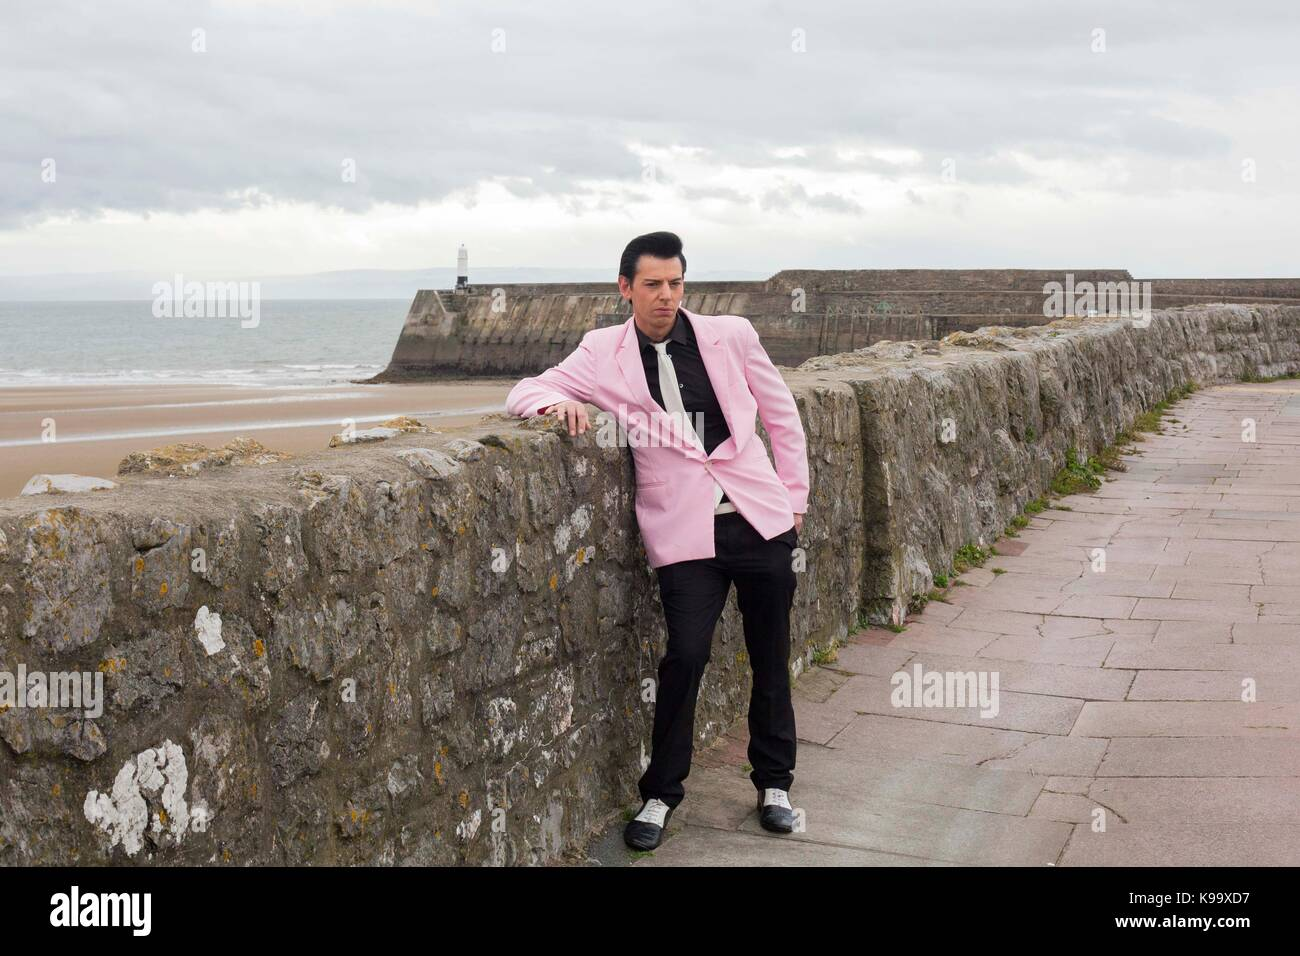 Porthcawl, Pays de Galles, Royaume-Uni. 22 sep, 2017. imitateur d'Elvis Presley memphis' 'carl, 30 ans, Photo Stock